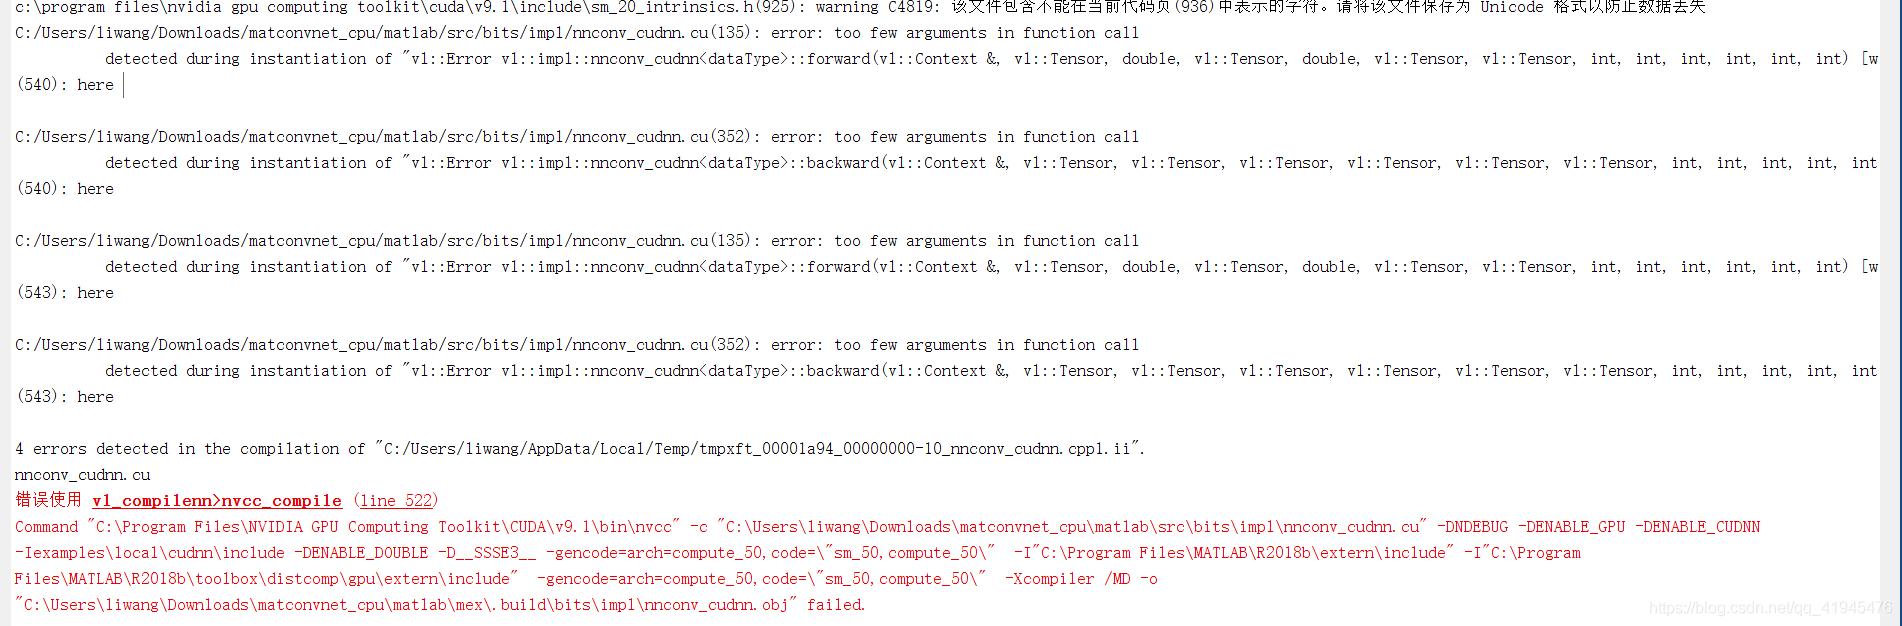 是另一个cu文件中的函数问题